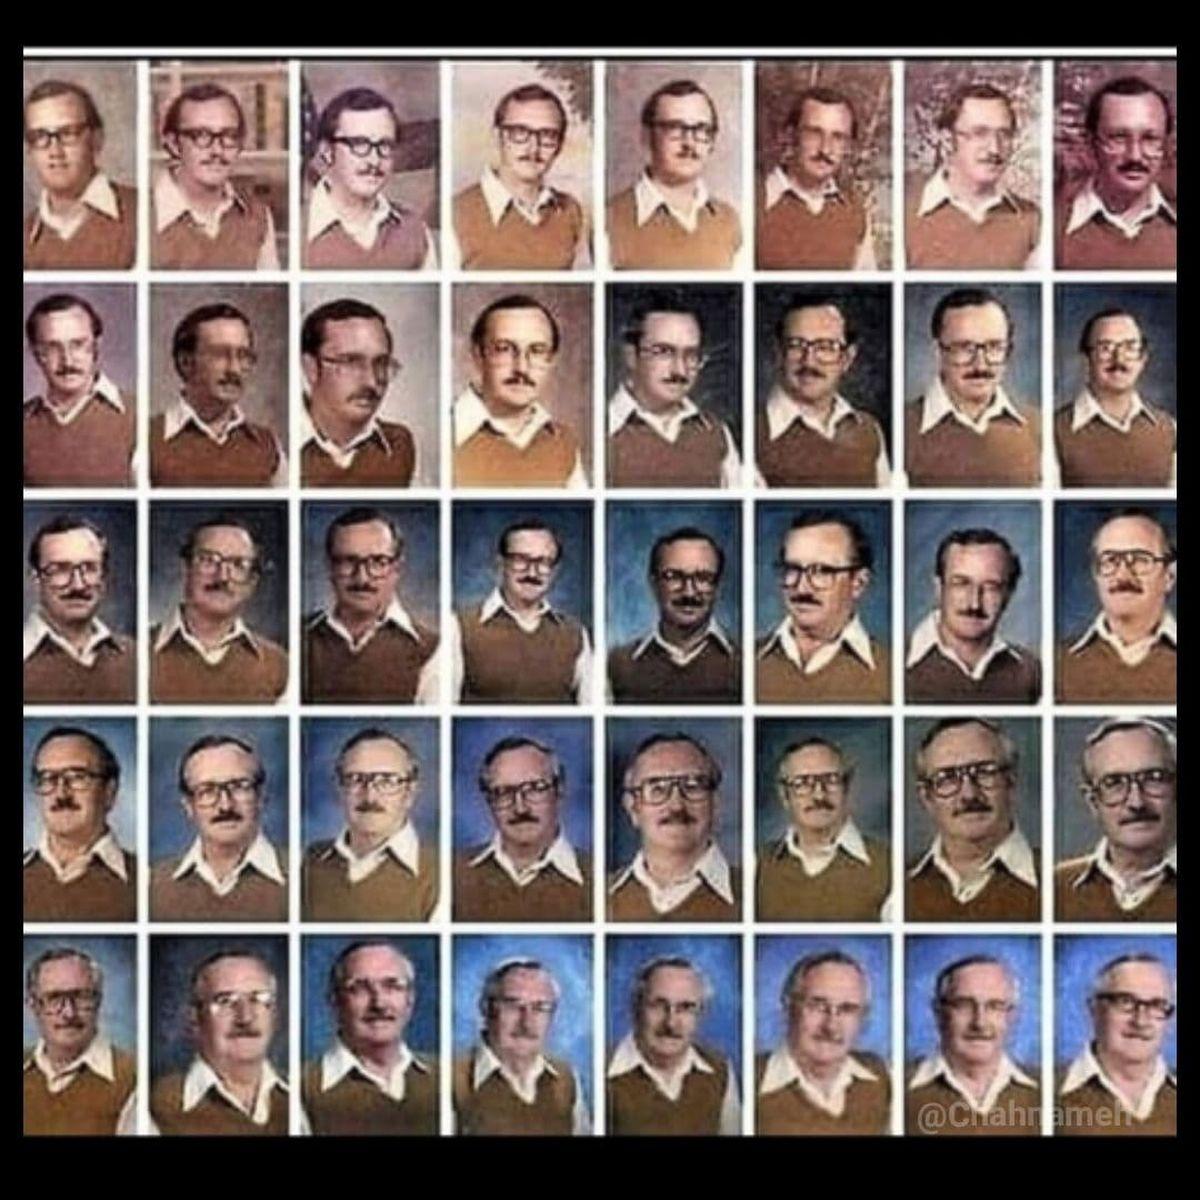 عکس های جالب 40 ساله یک معلم از خودش